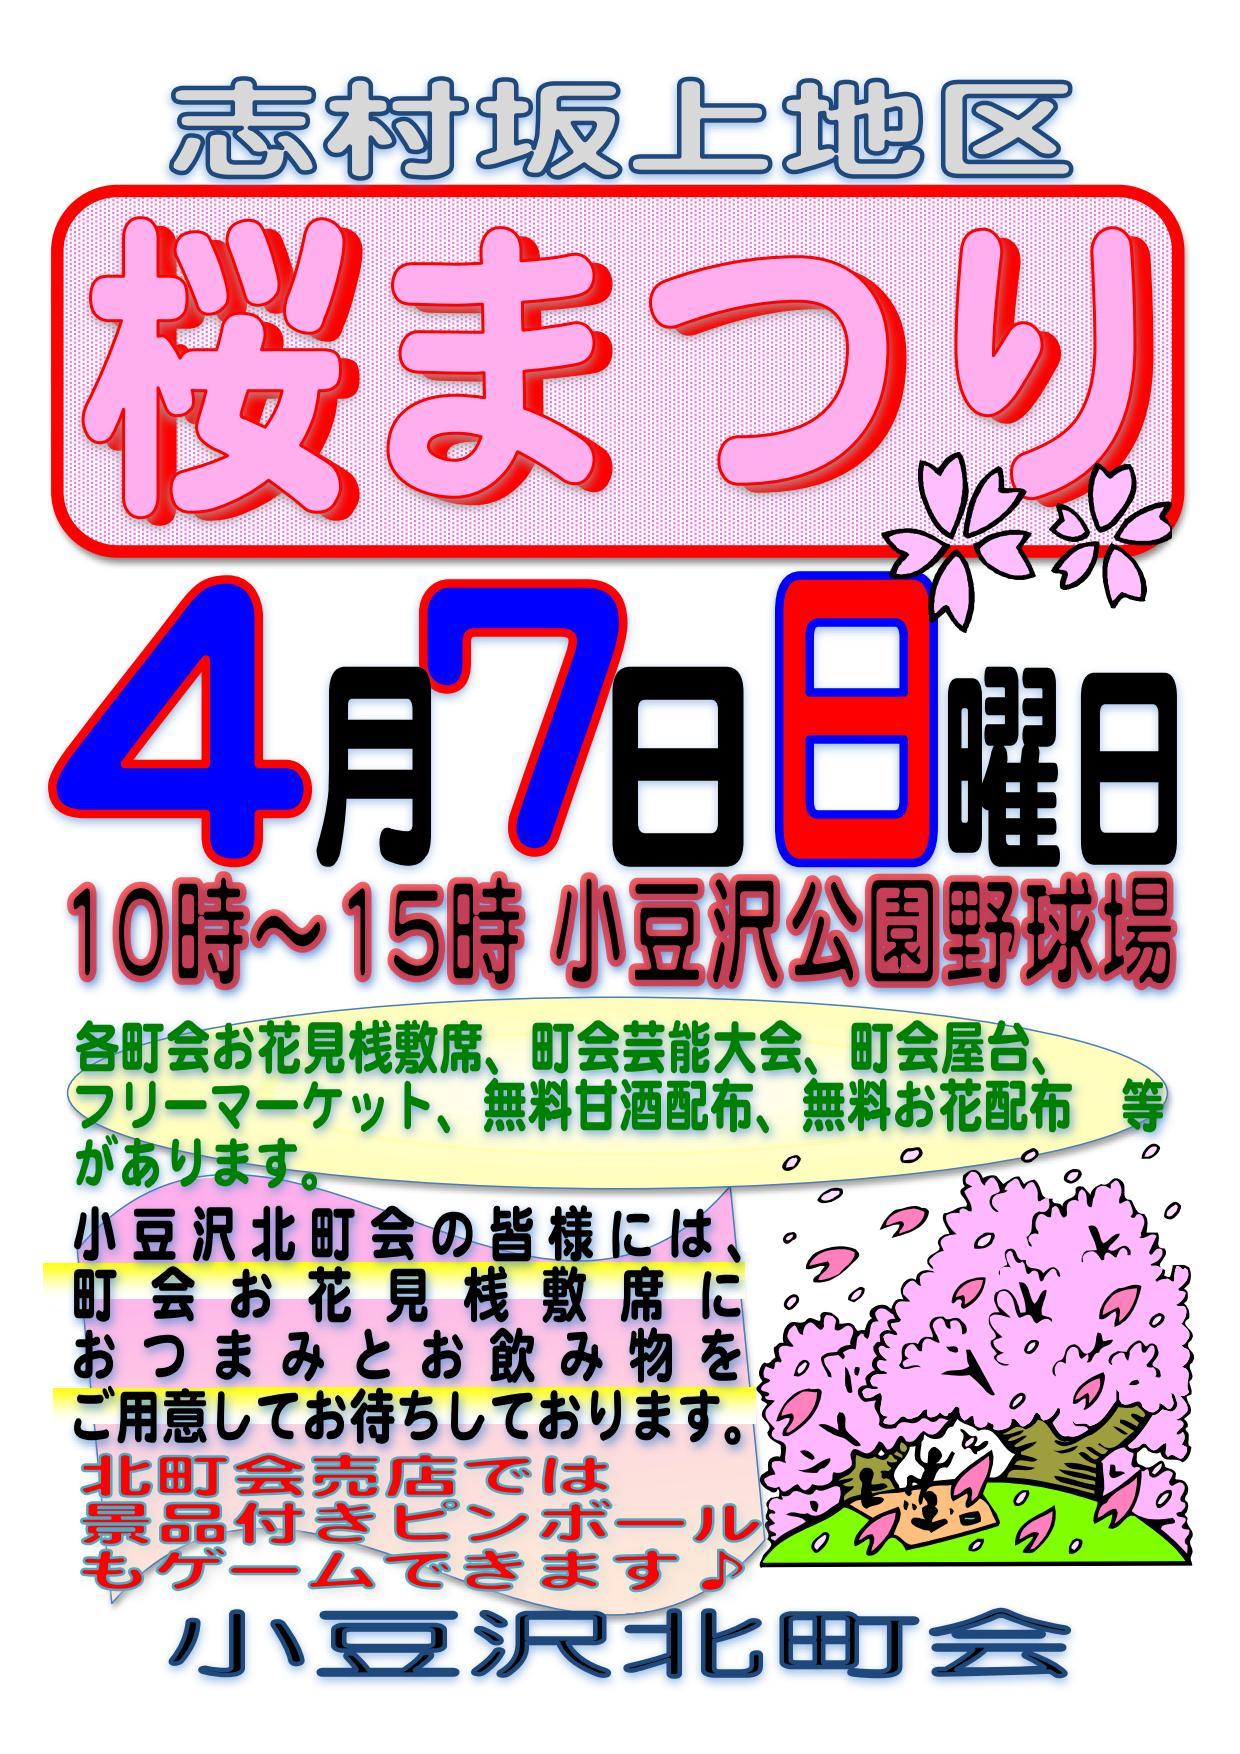 2013-04-07志村坂上地区桜まつり